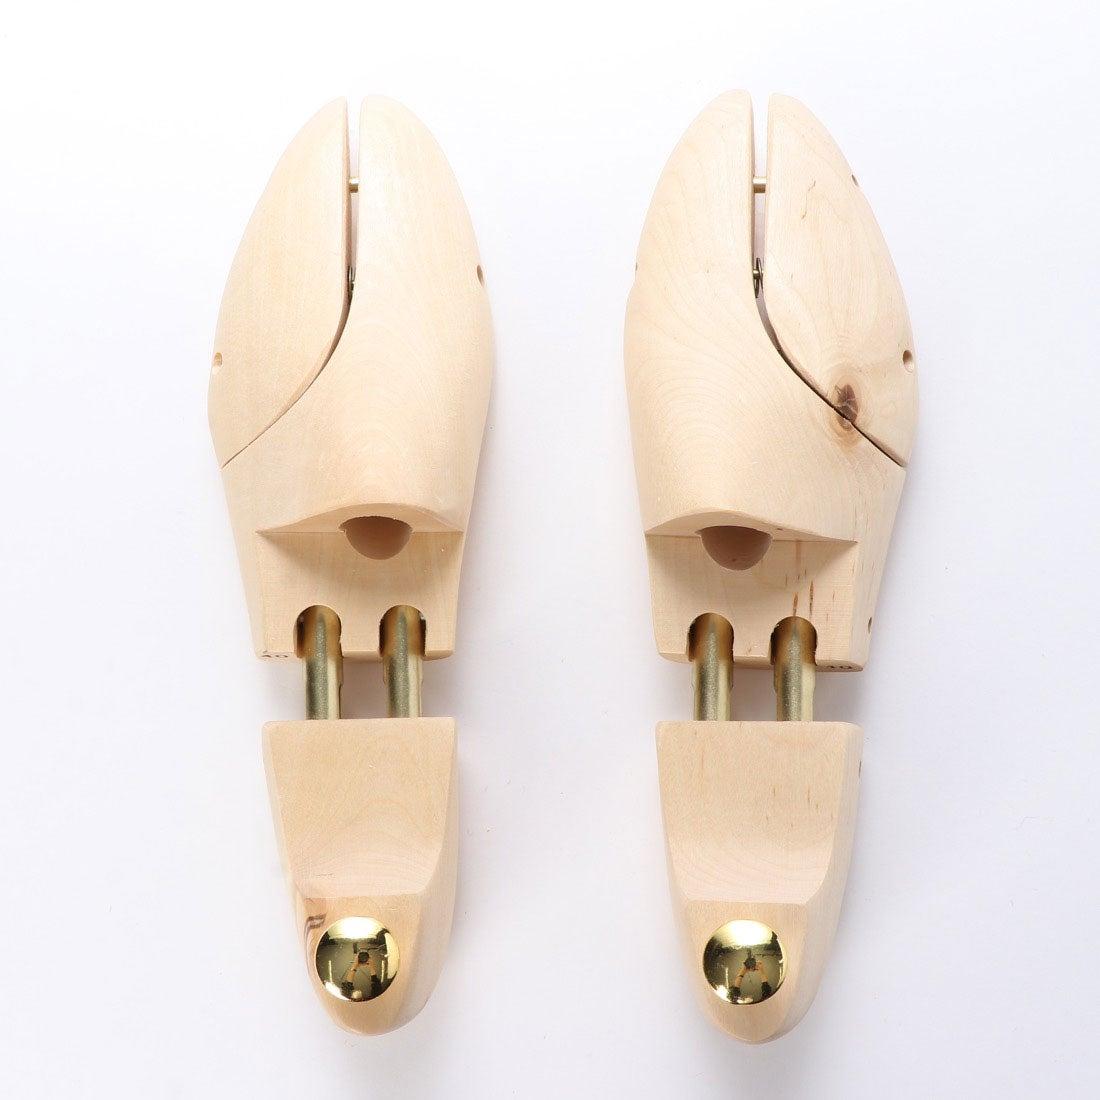 ロコンド 靴とファッションの通販サイトキングヤード KING YARD KINGYARD ツインチューブ #40 25-25.5cm (ニュートラル)